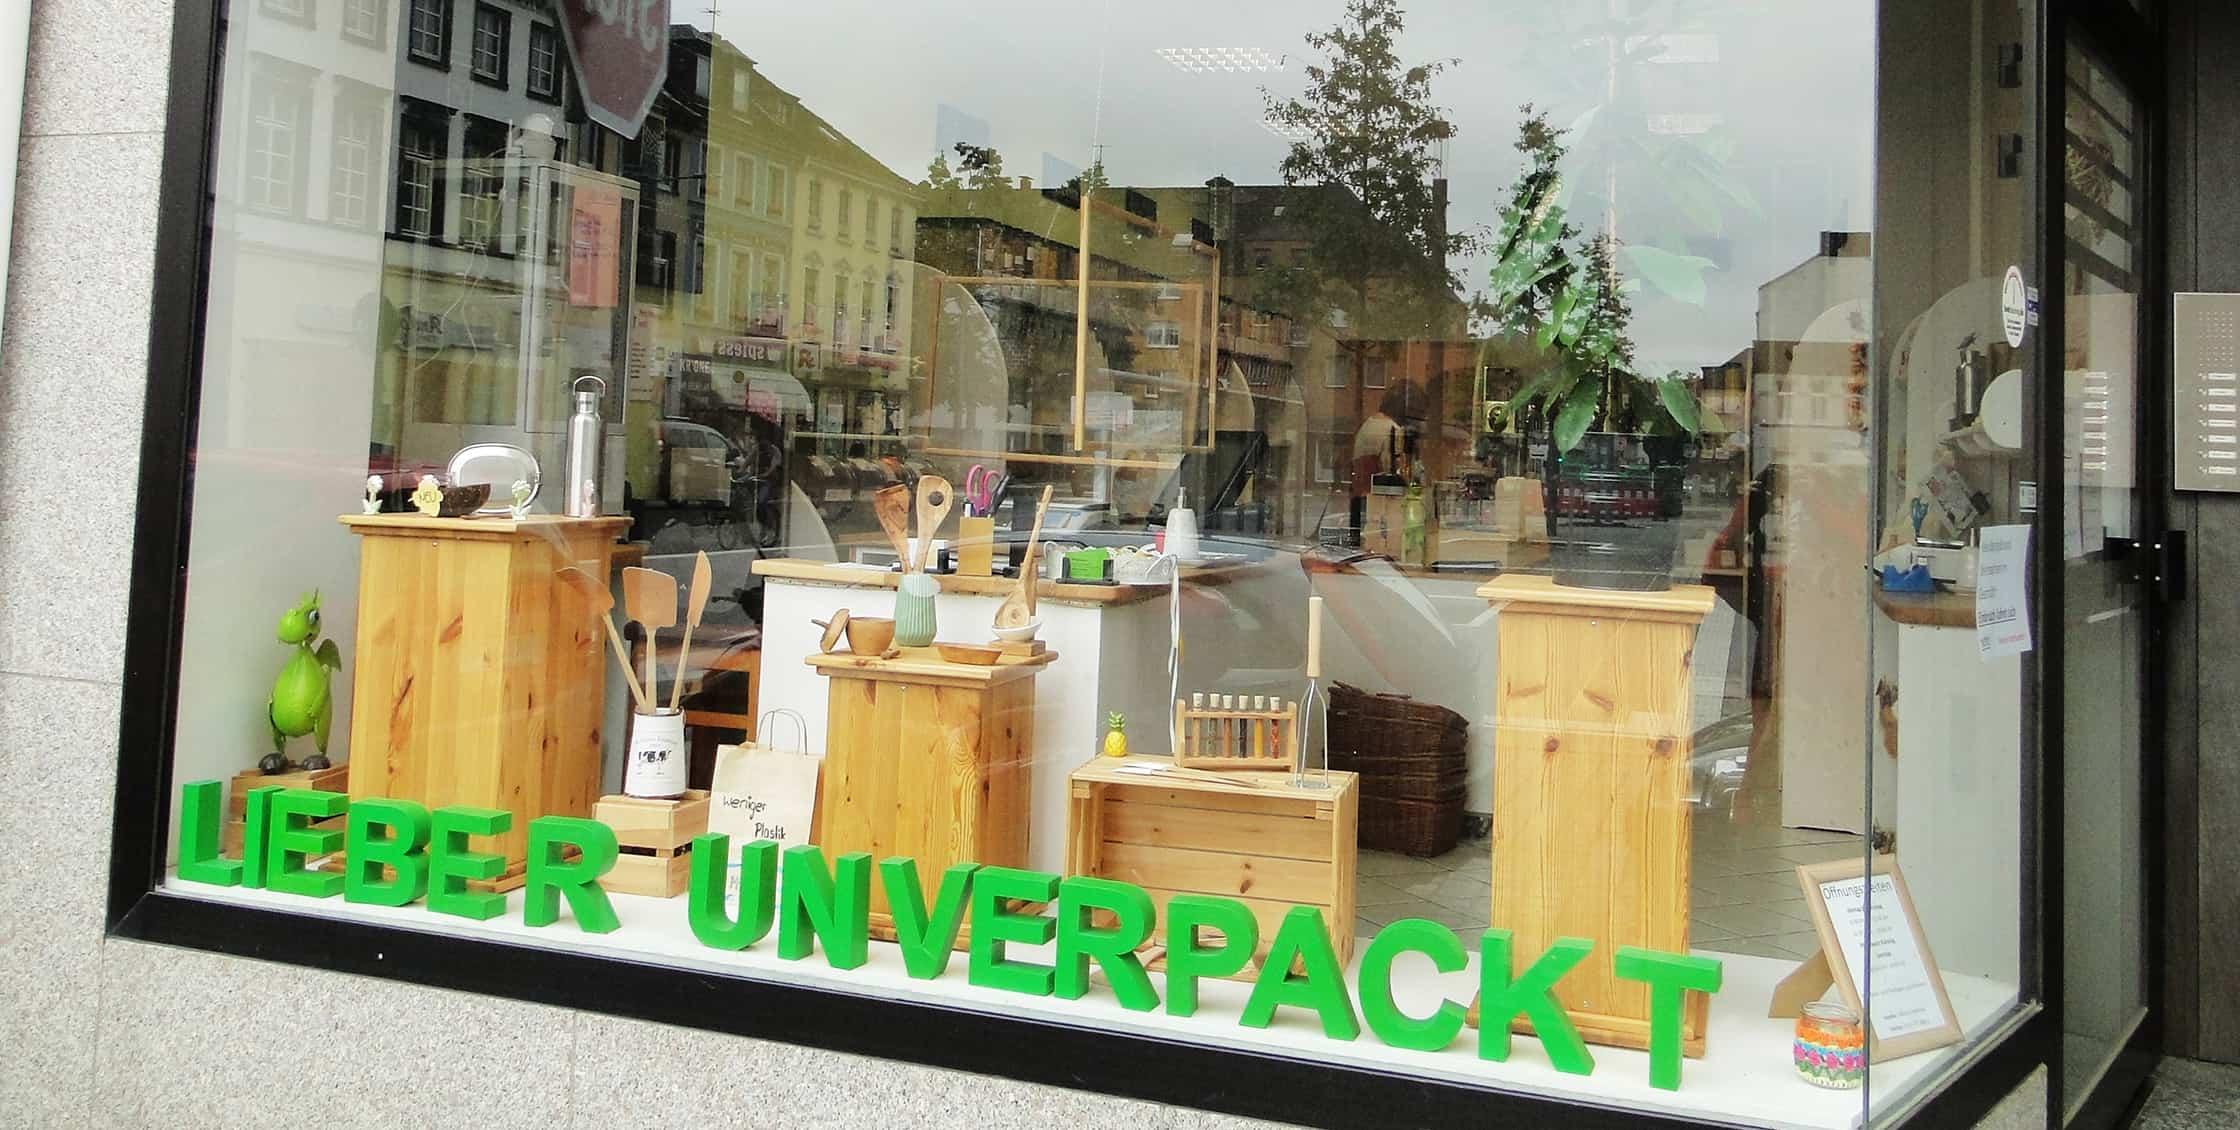 startkrefeld - Erfolgsgeschichte aus Krefeld: Außenansicht des Unverpackt-Ladens